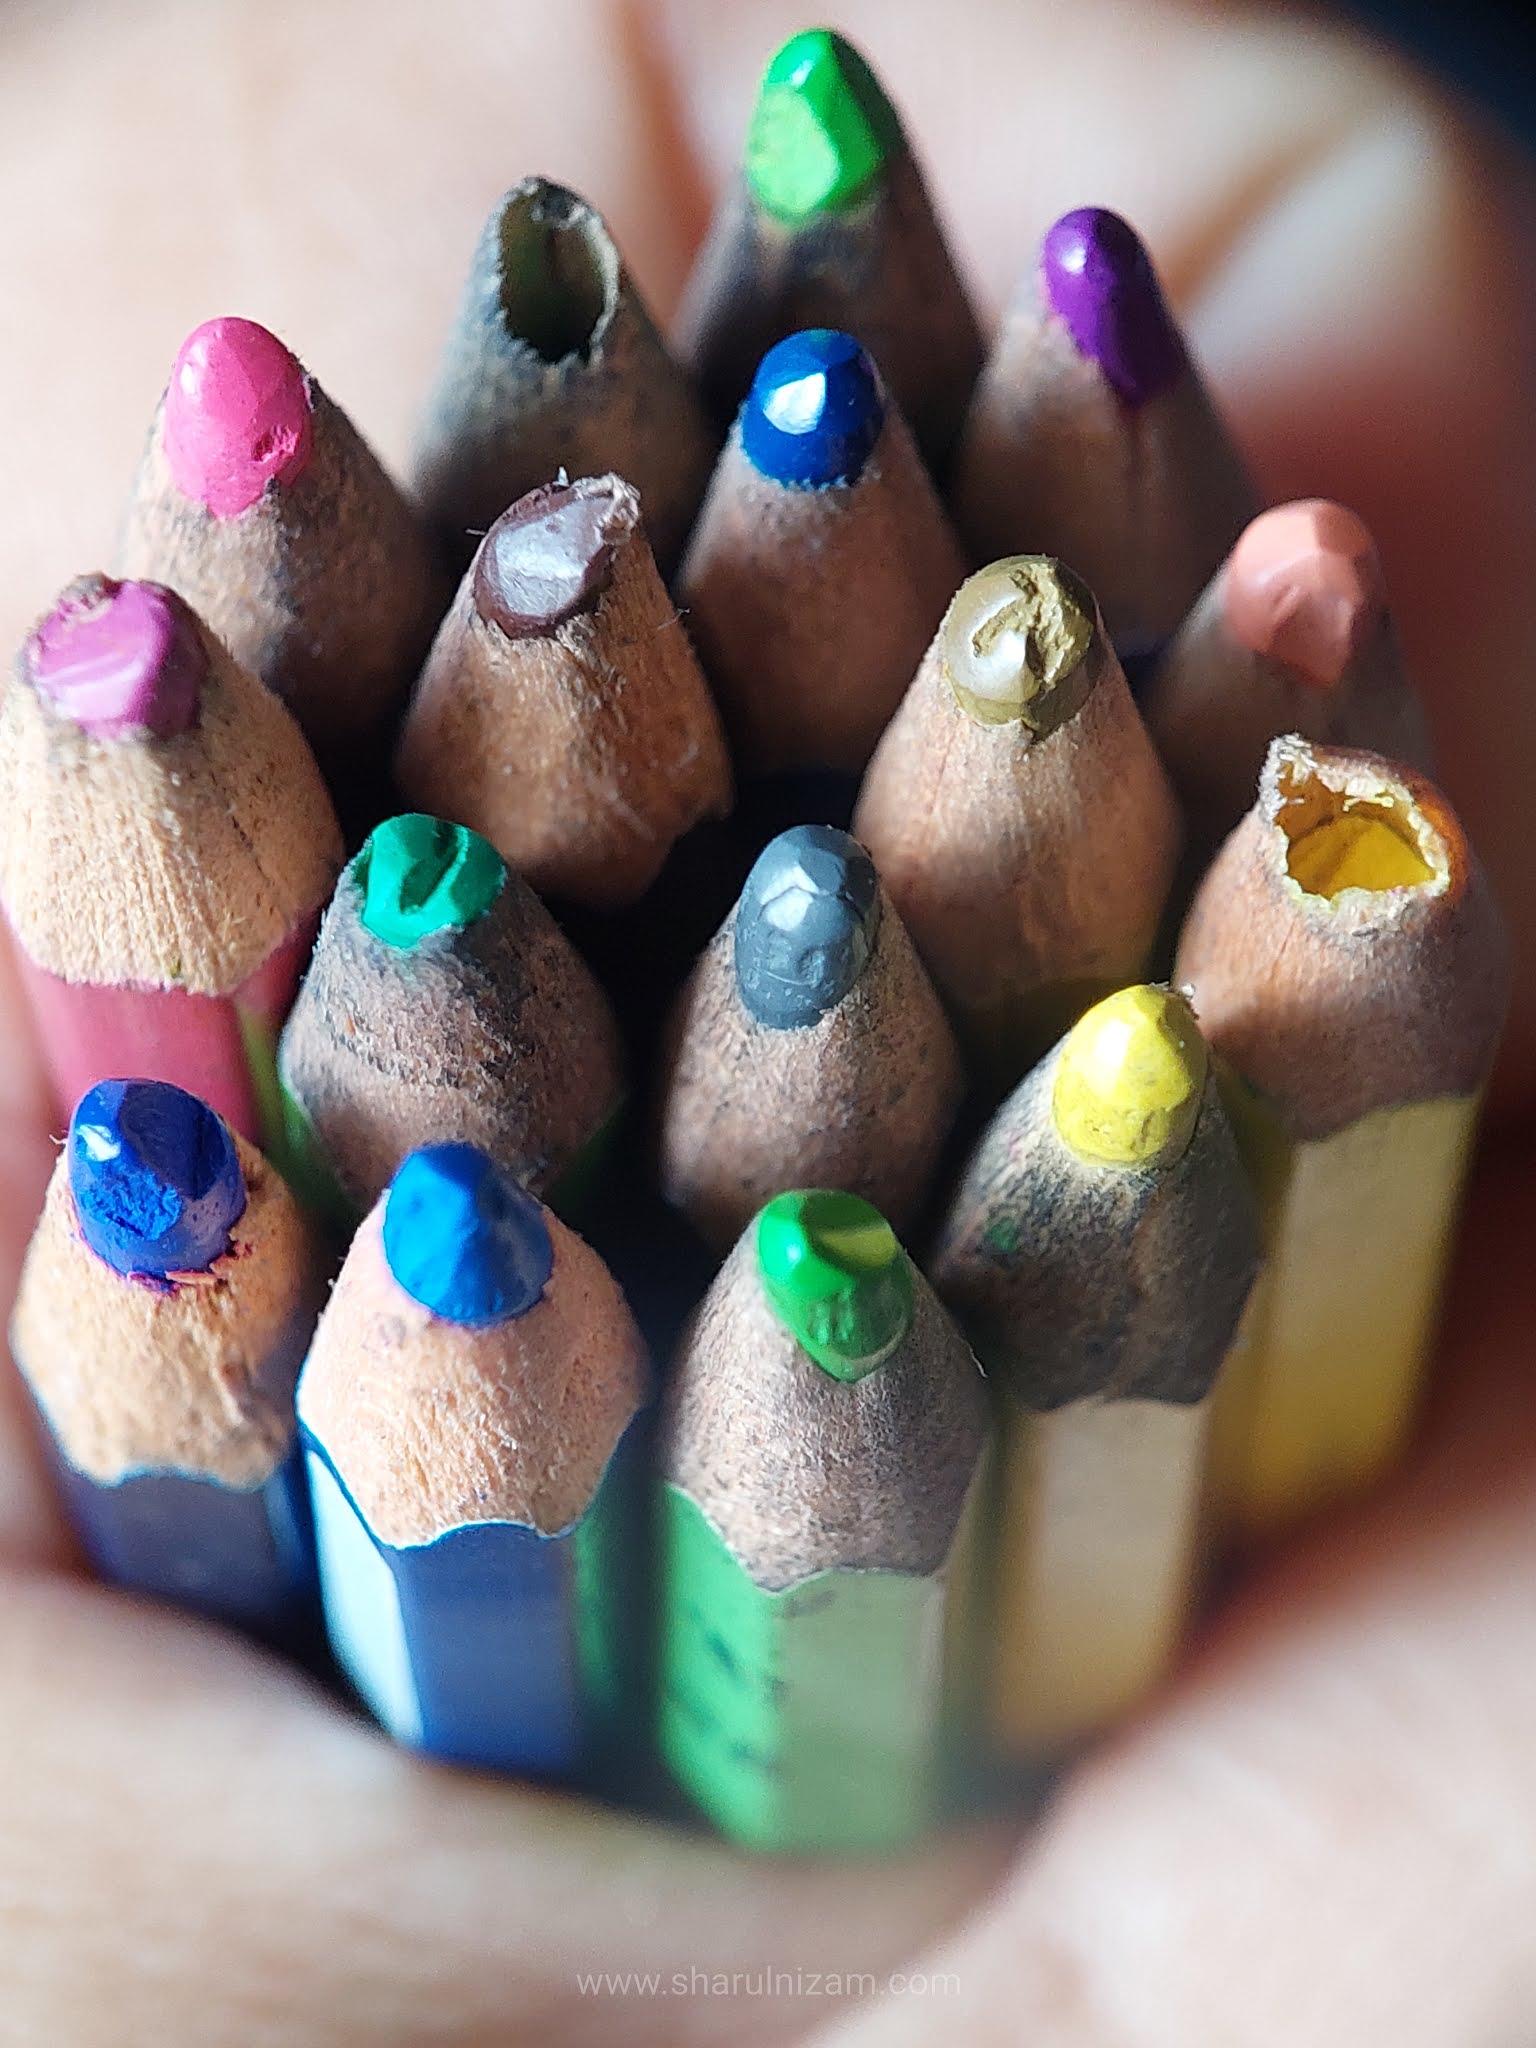 Mobile Macro Photography Menggunakan Pensil Warna (Samsung A52  & Lensbong Nikon 35mm)